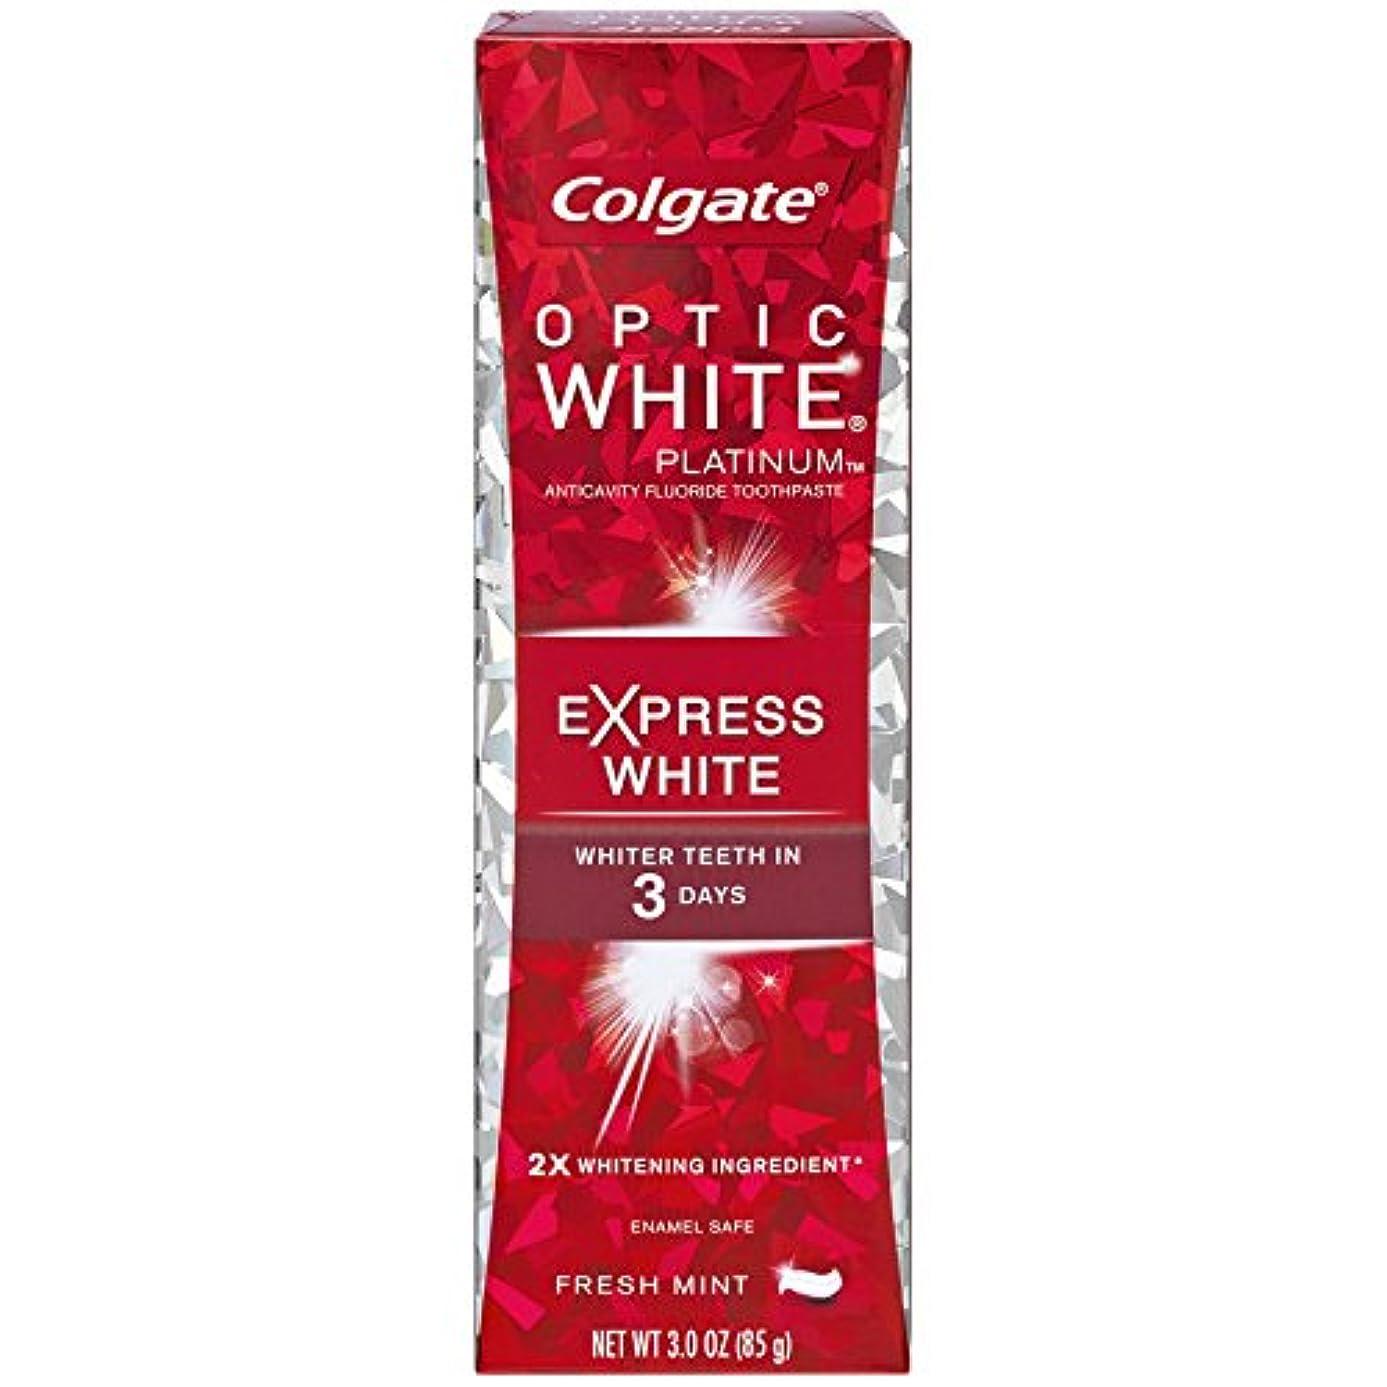 何十人も用心反射コルゲート 歯みがき粉 オプティック ホワイト 3Days エクスプレス ホワイト